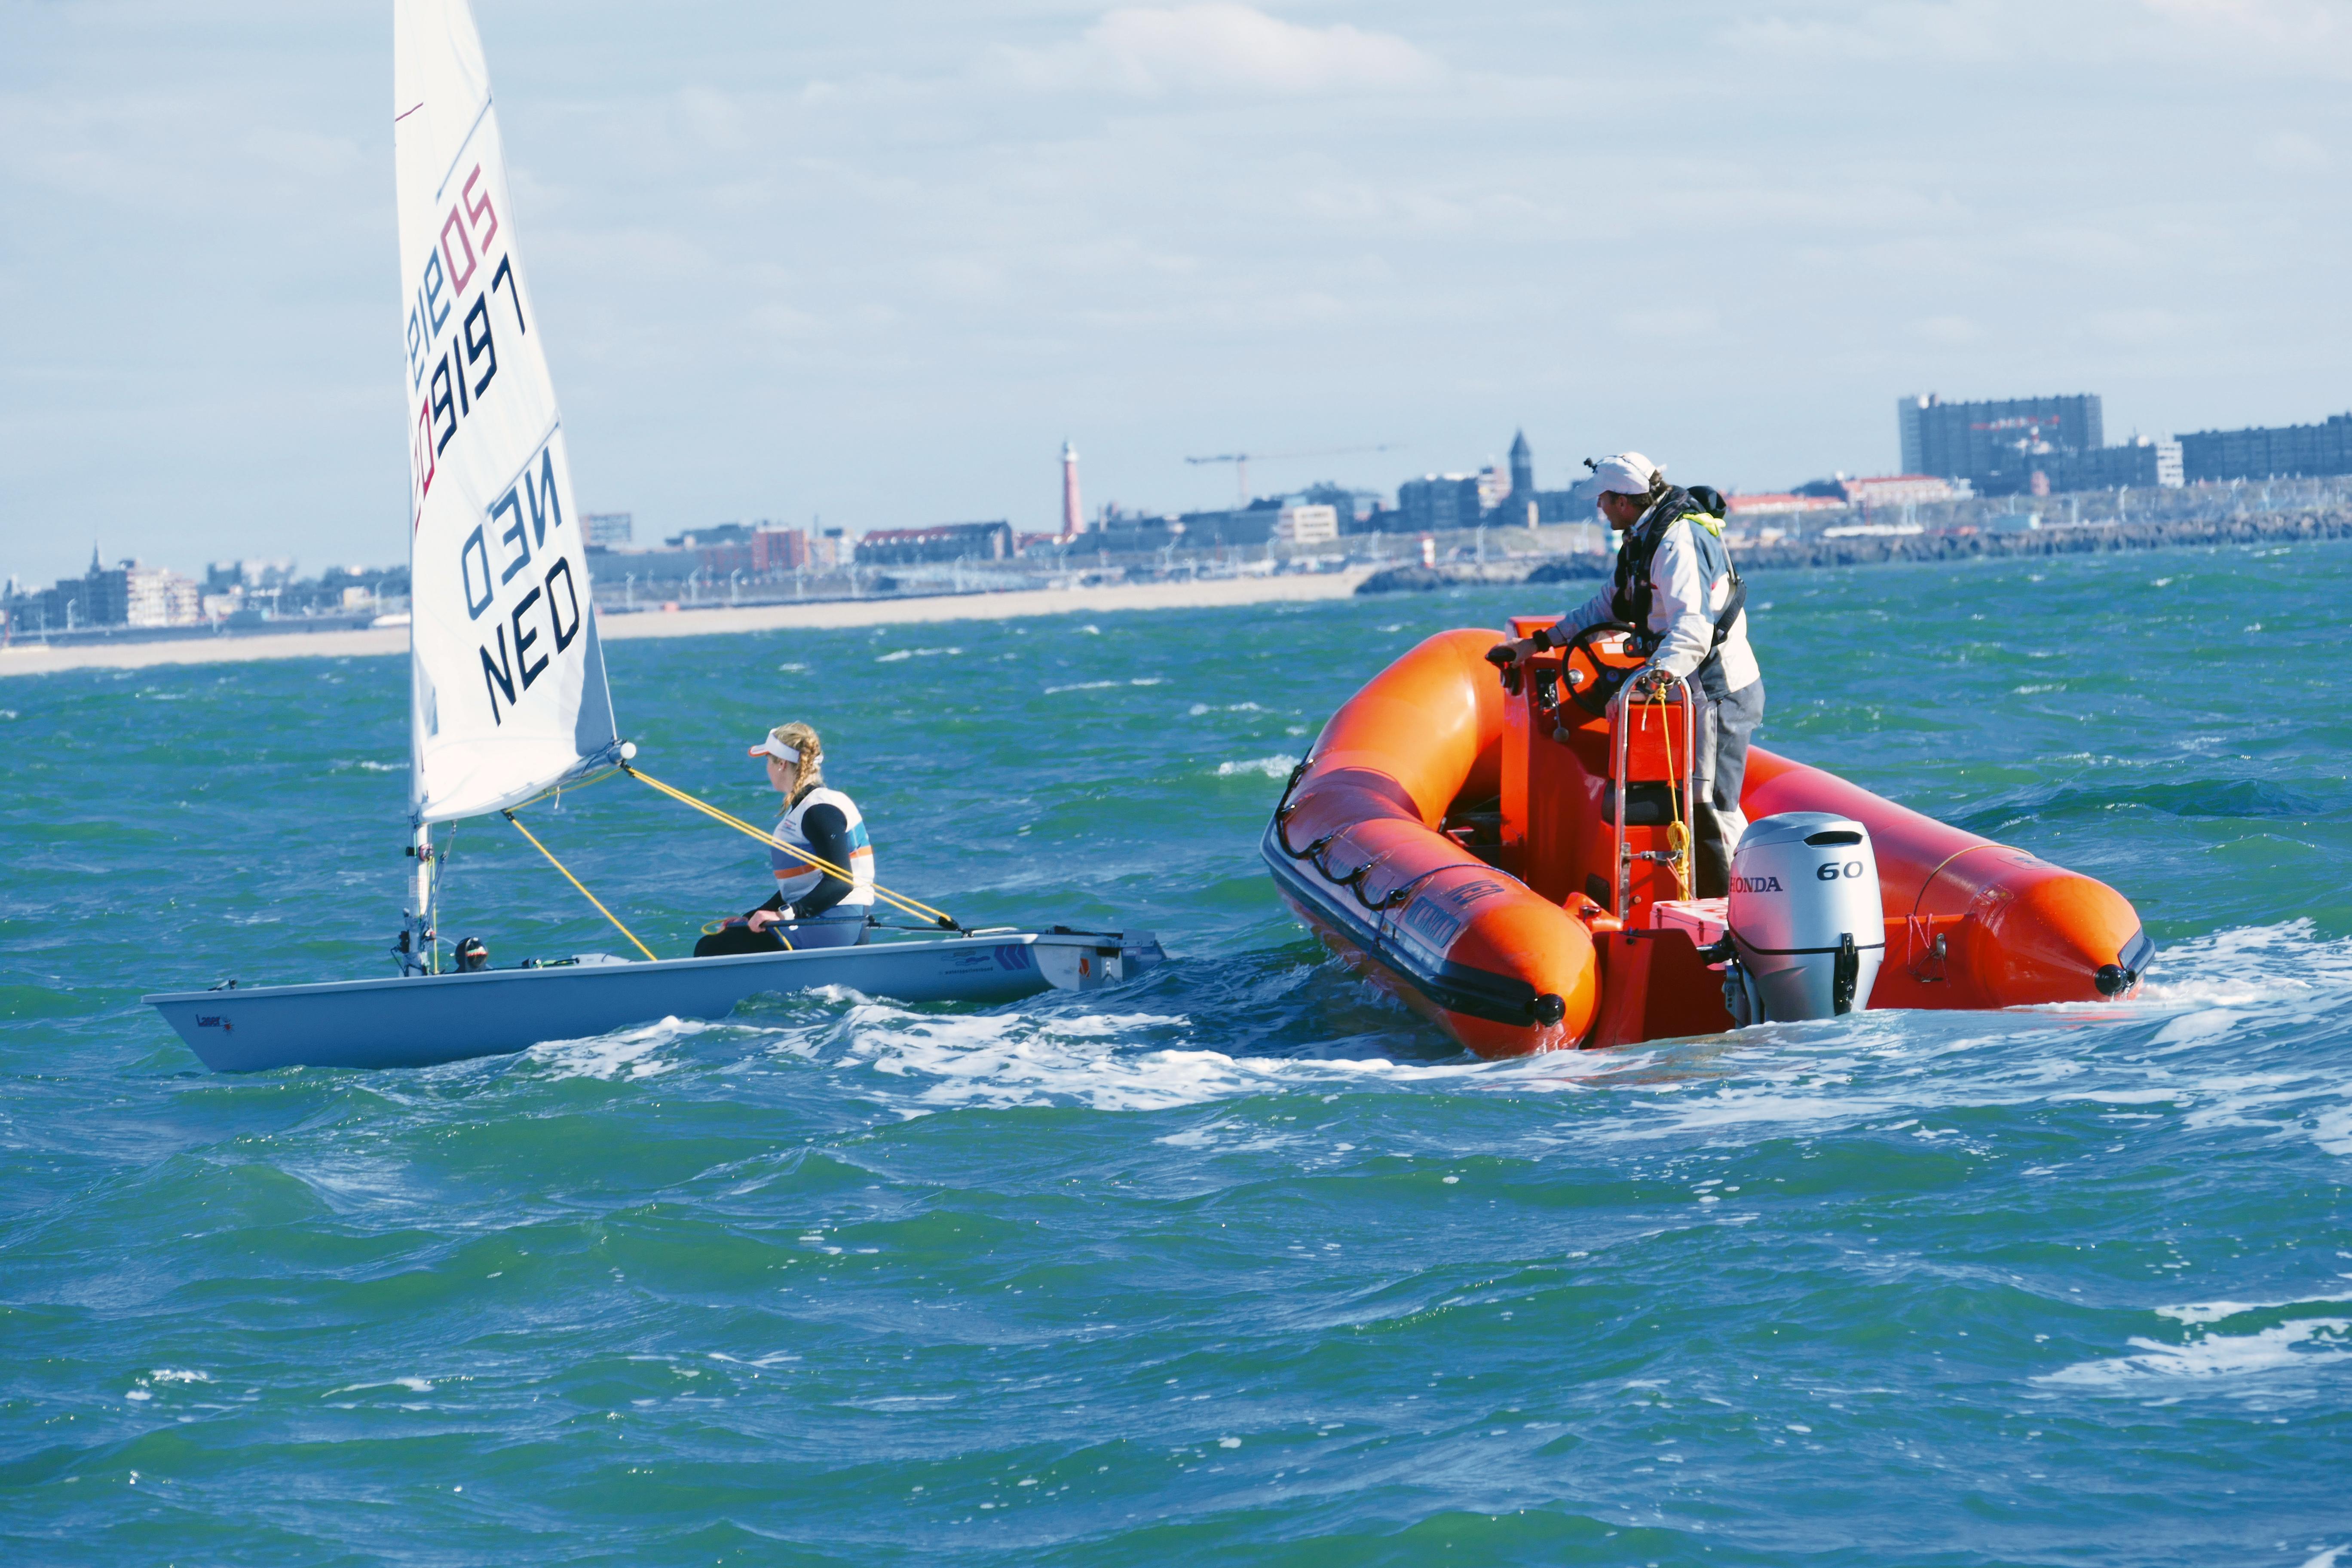 Het project Clean Rib Challenge '22 ging van start tijdens de Medemblik Regatta. Deelnemers aan het onderzoek maakten onder andere zelf een tocht in een coachboot.